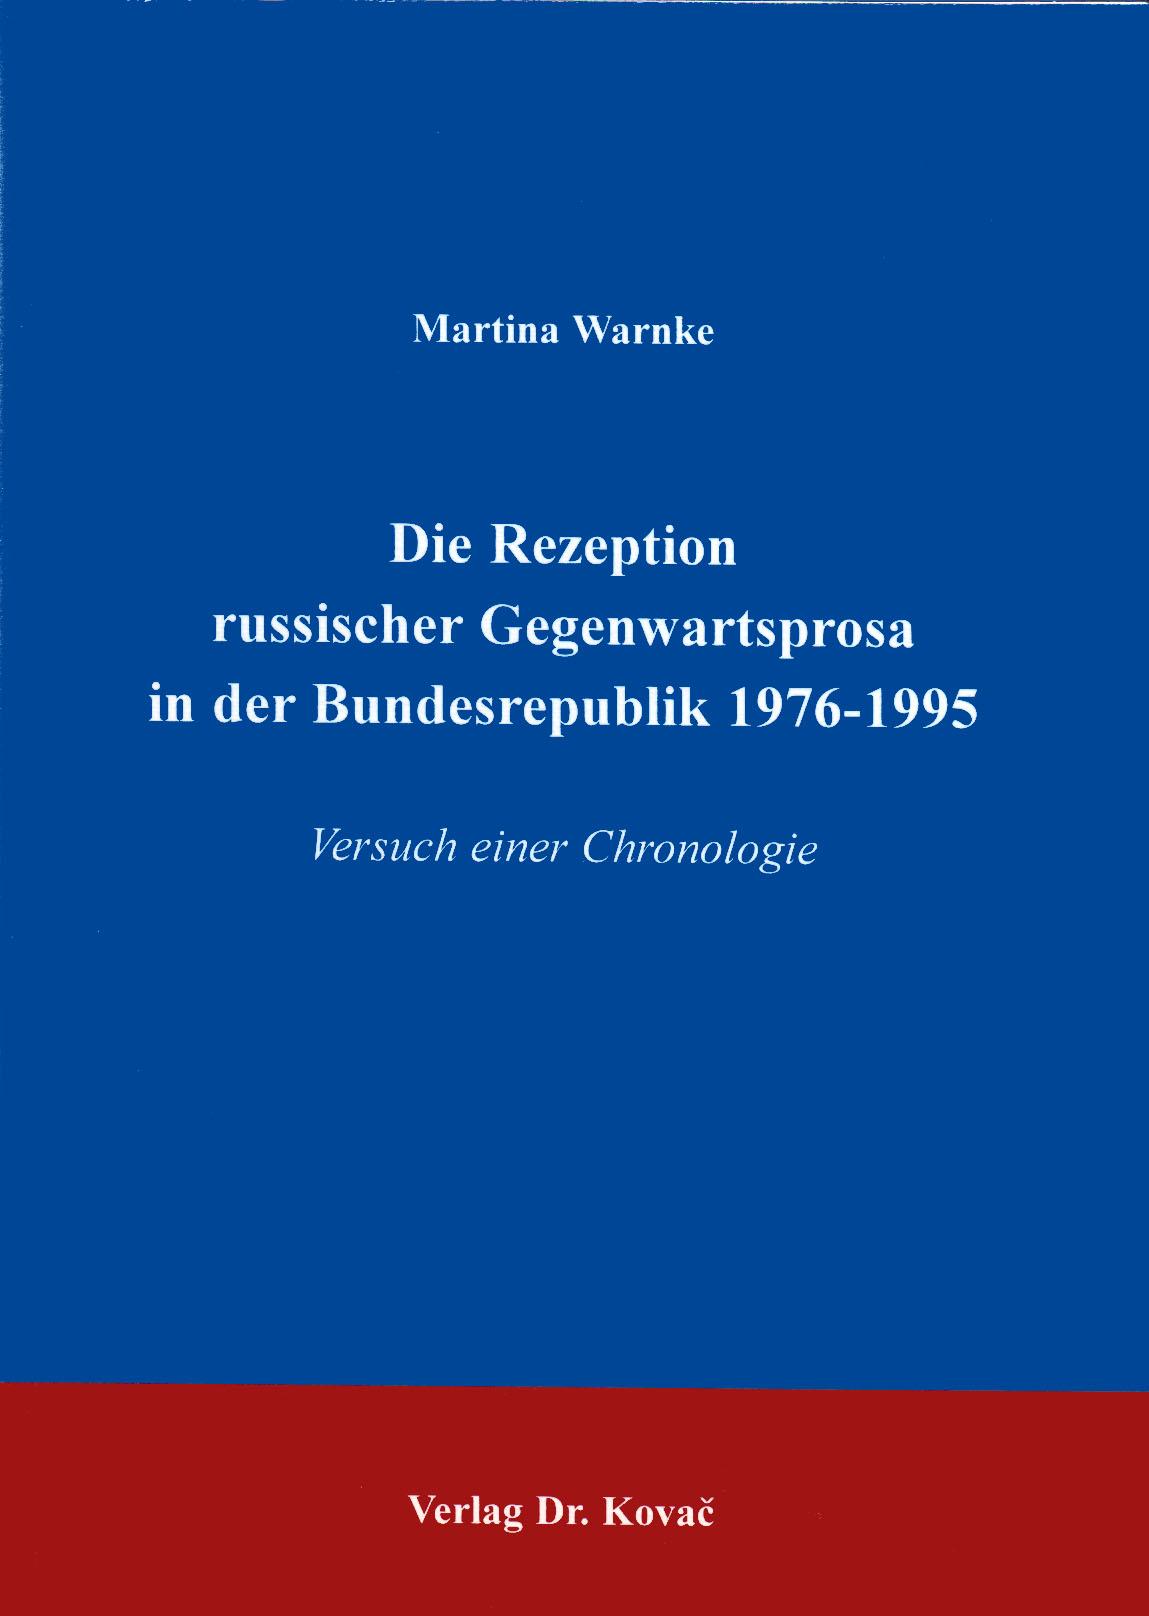 Cover: Die Rezeption russischer Gegenwartsprosa in der Bundesrepublik 1976-1995